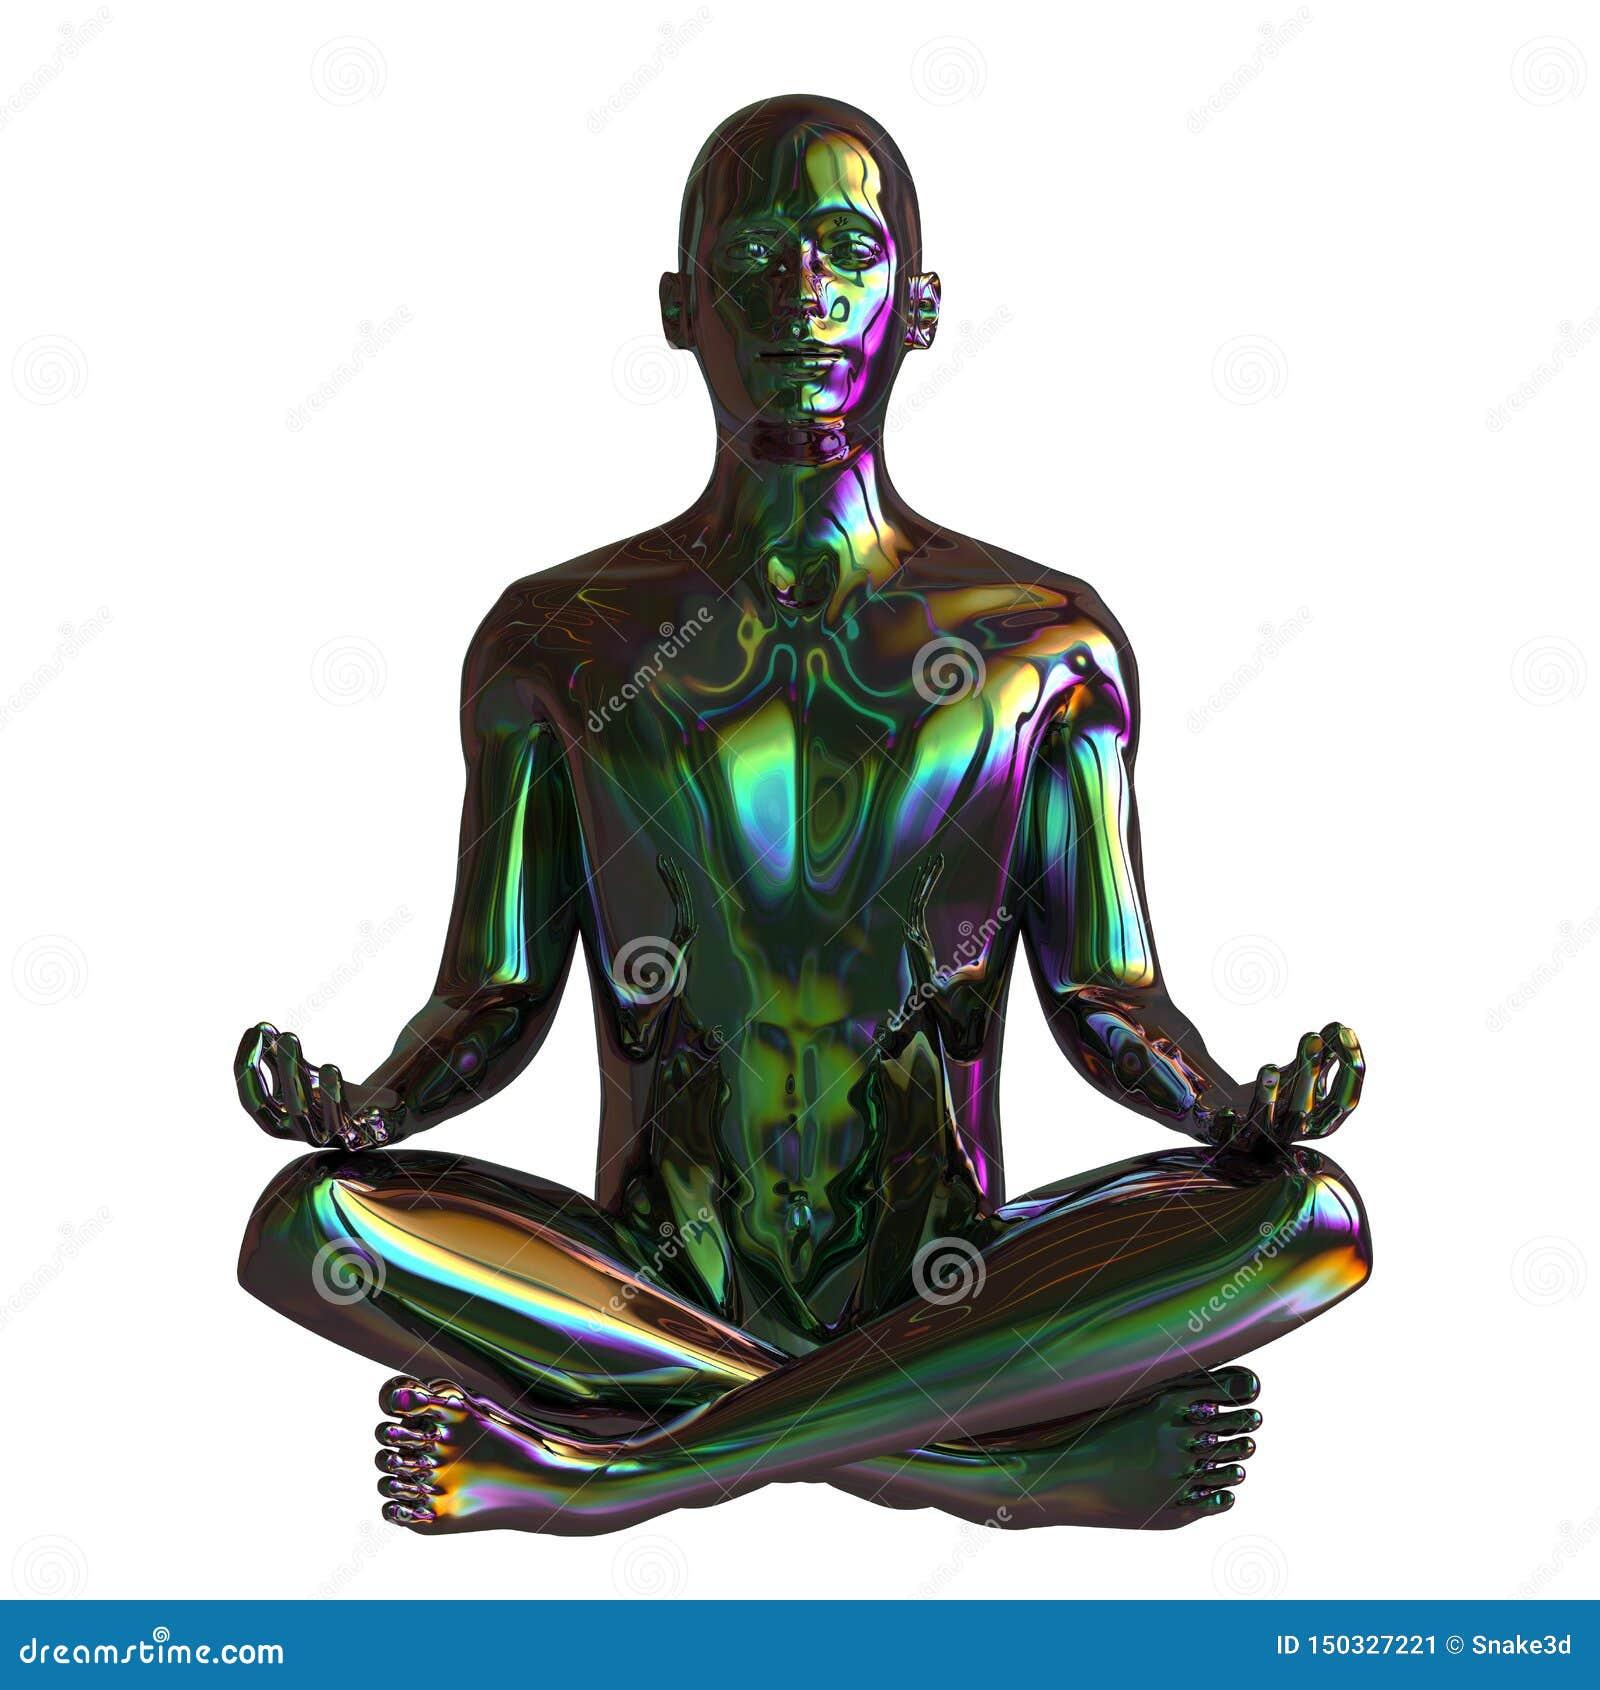 För guruzenen för järn poserar det mänskliga mentala lotusblomma för mannen teckenet stiliserad